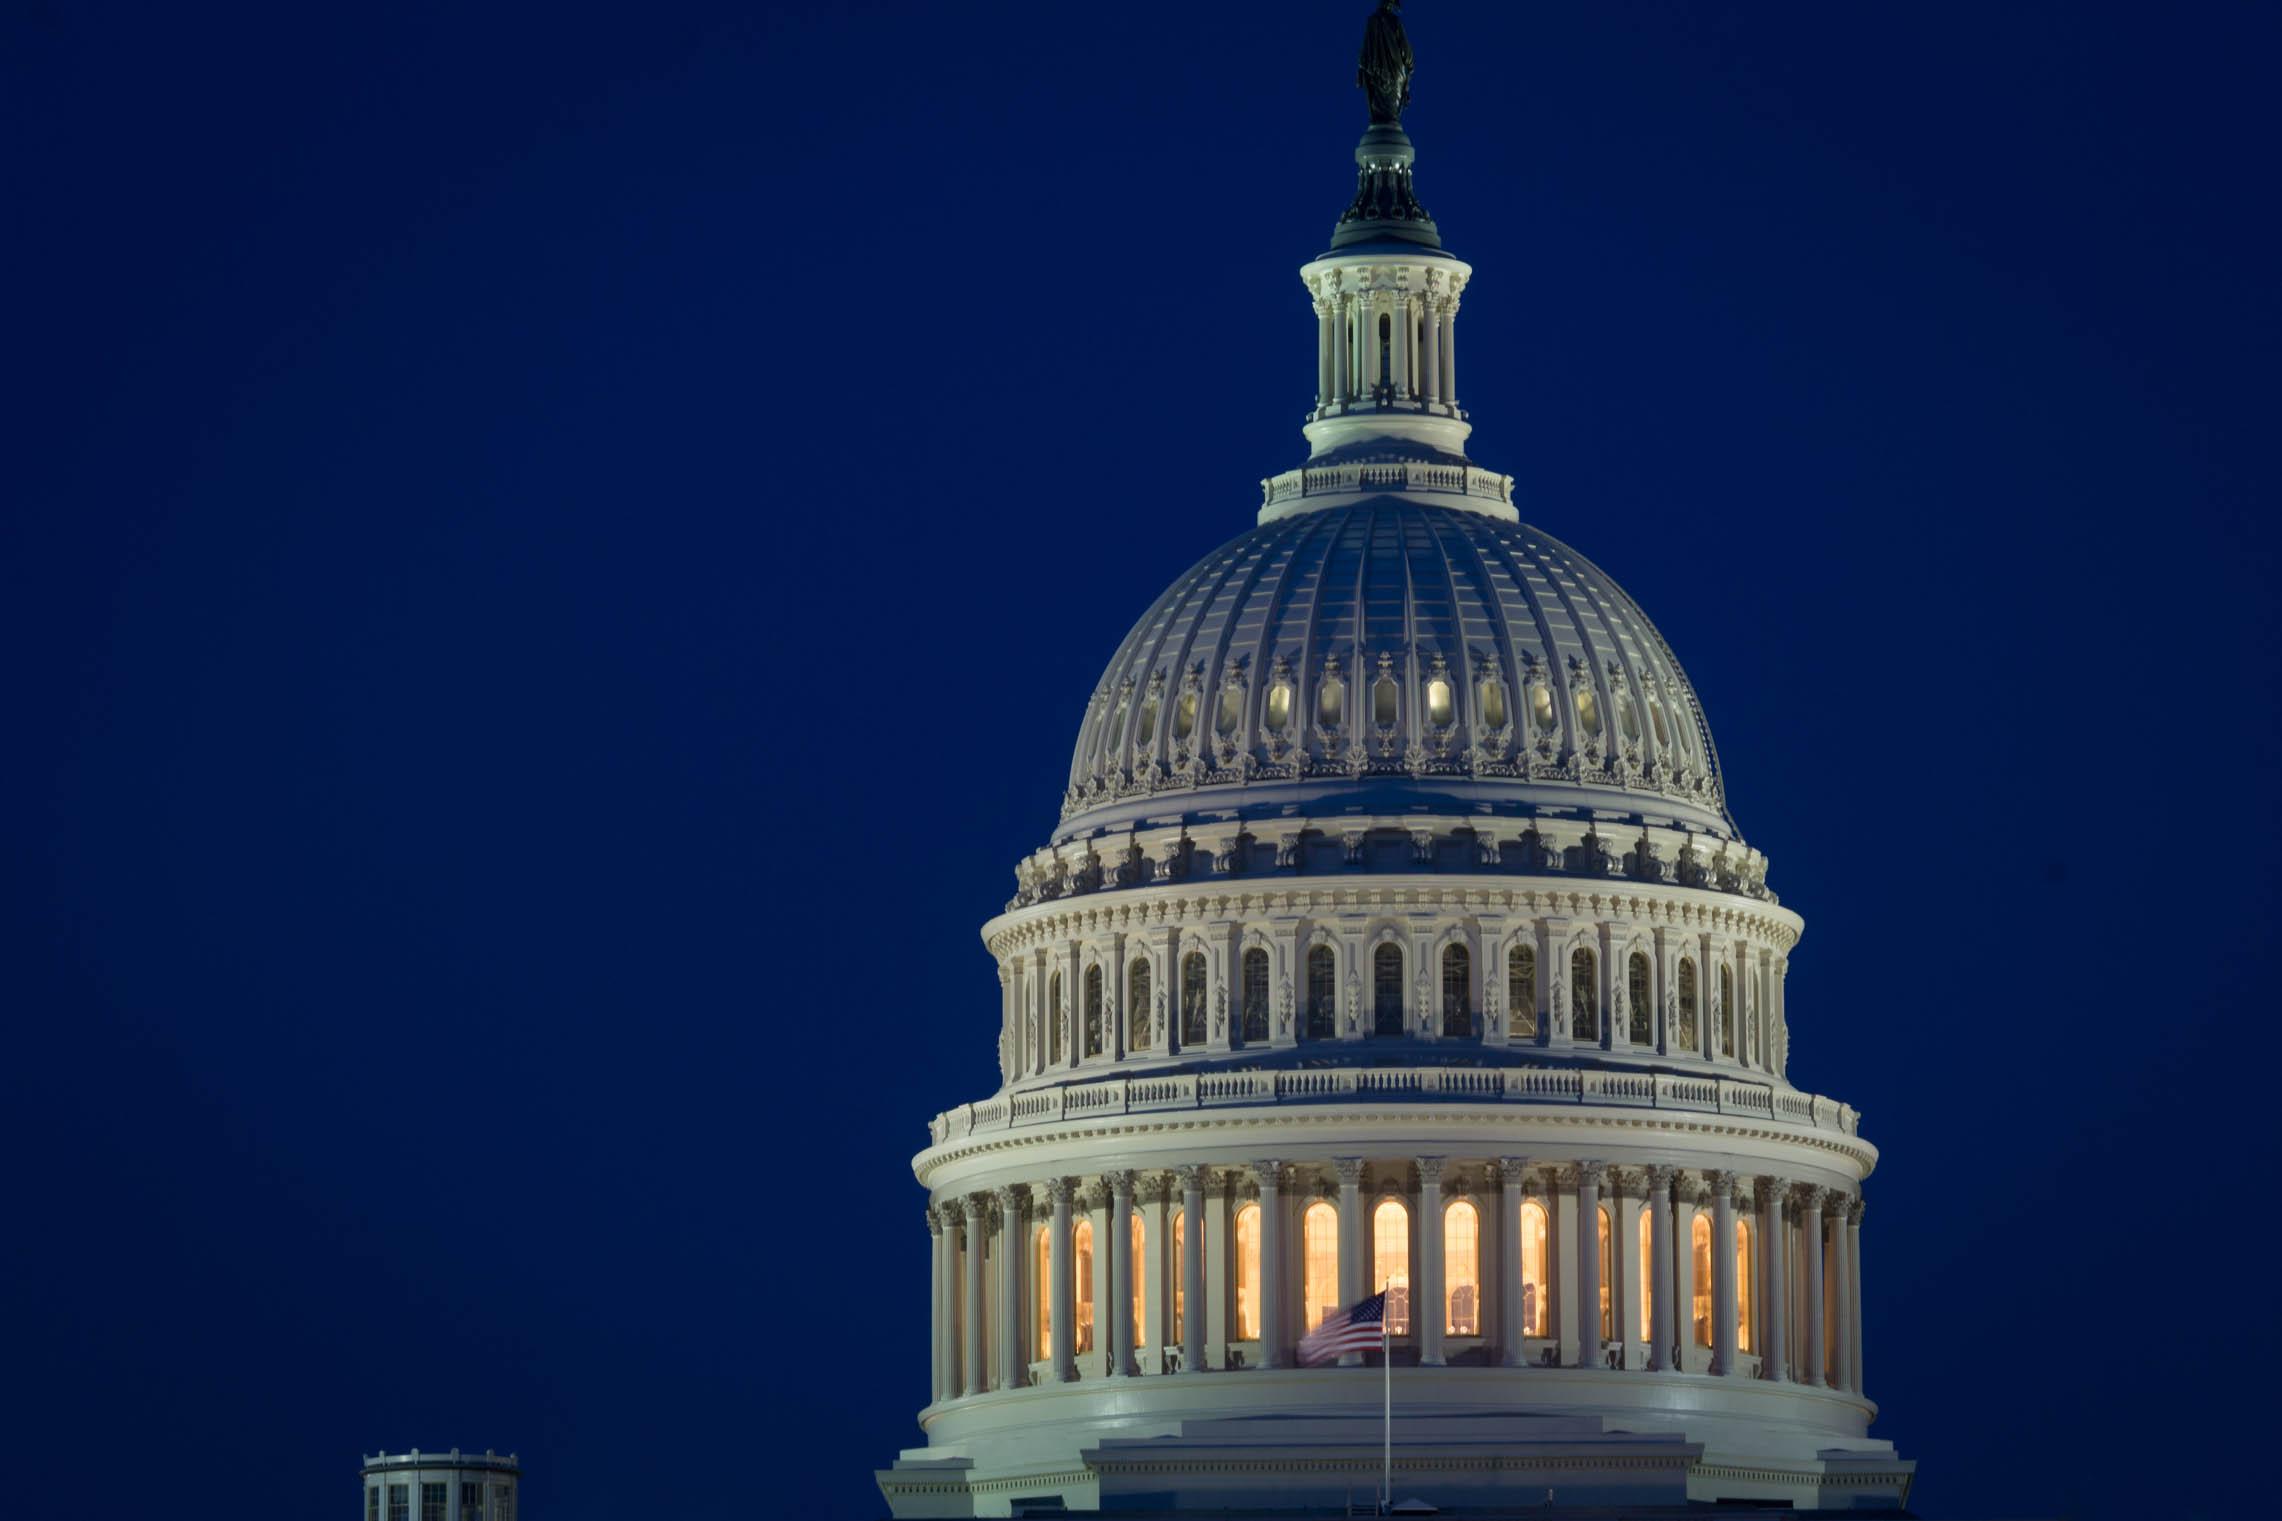 Le dôme du Capitole de nuit